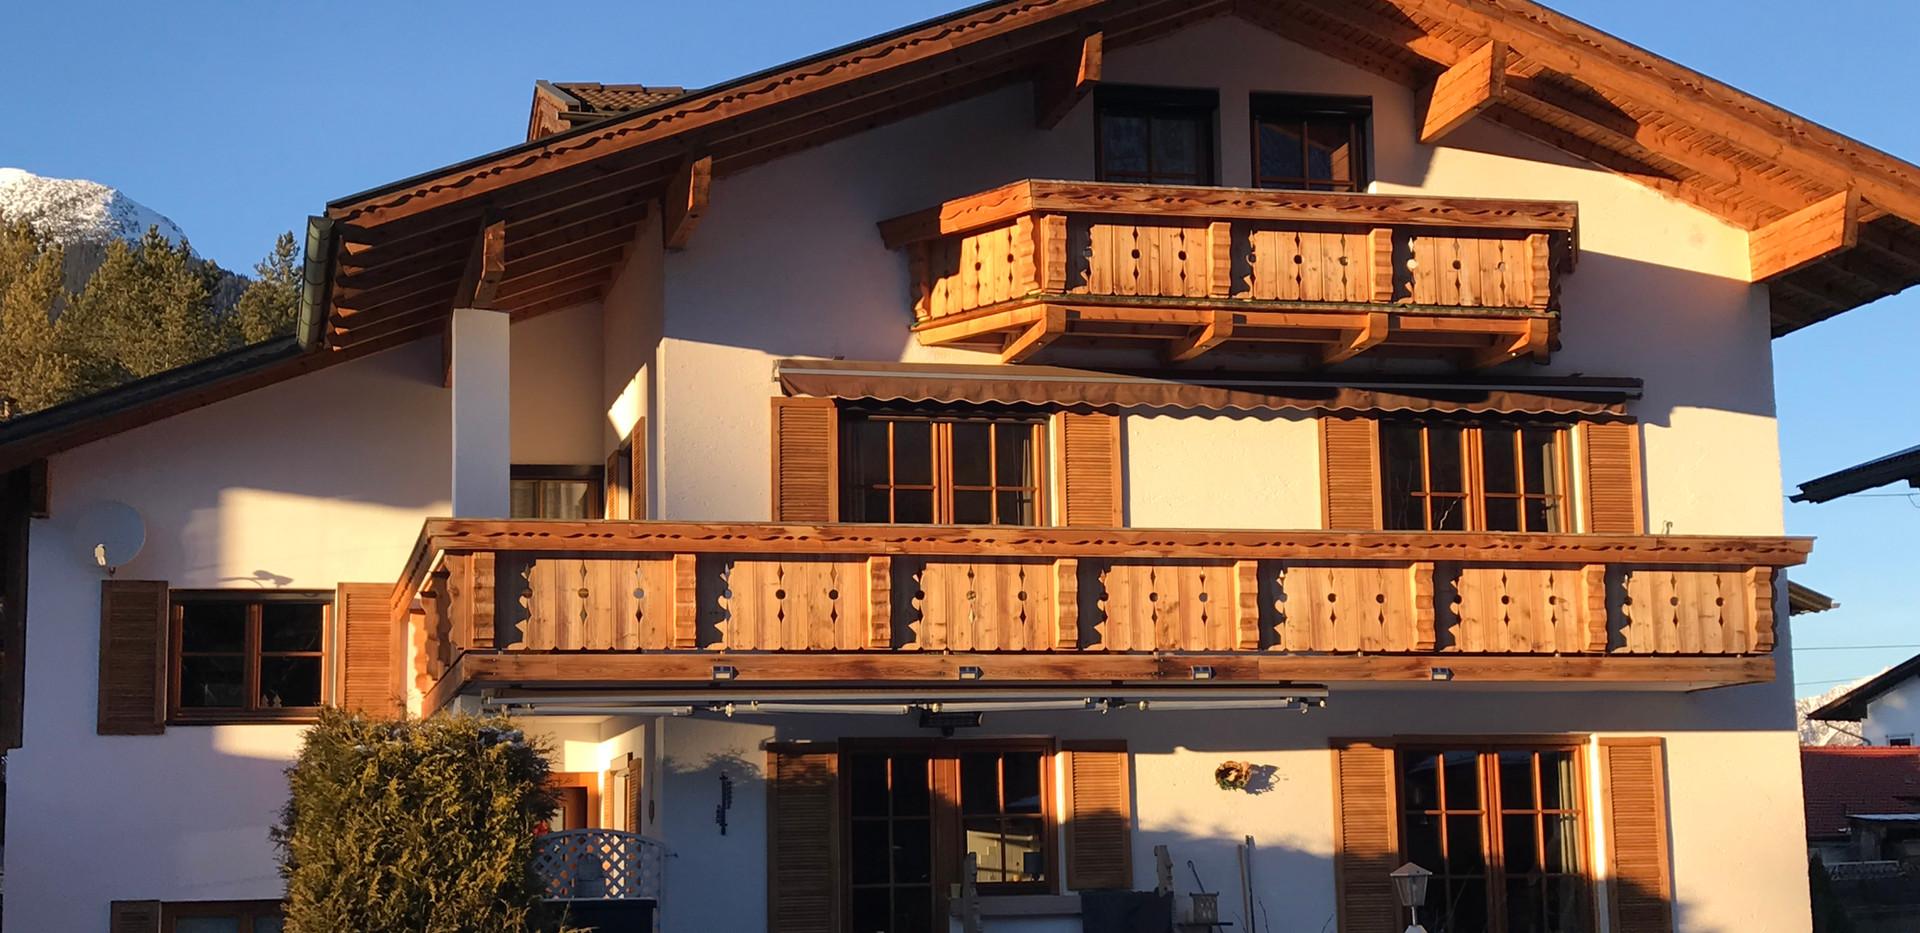 schneehaus chalet ehrwald 11.jpeg